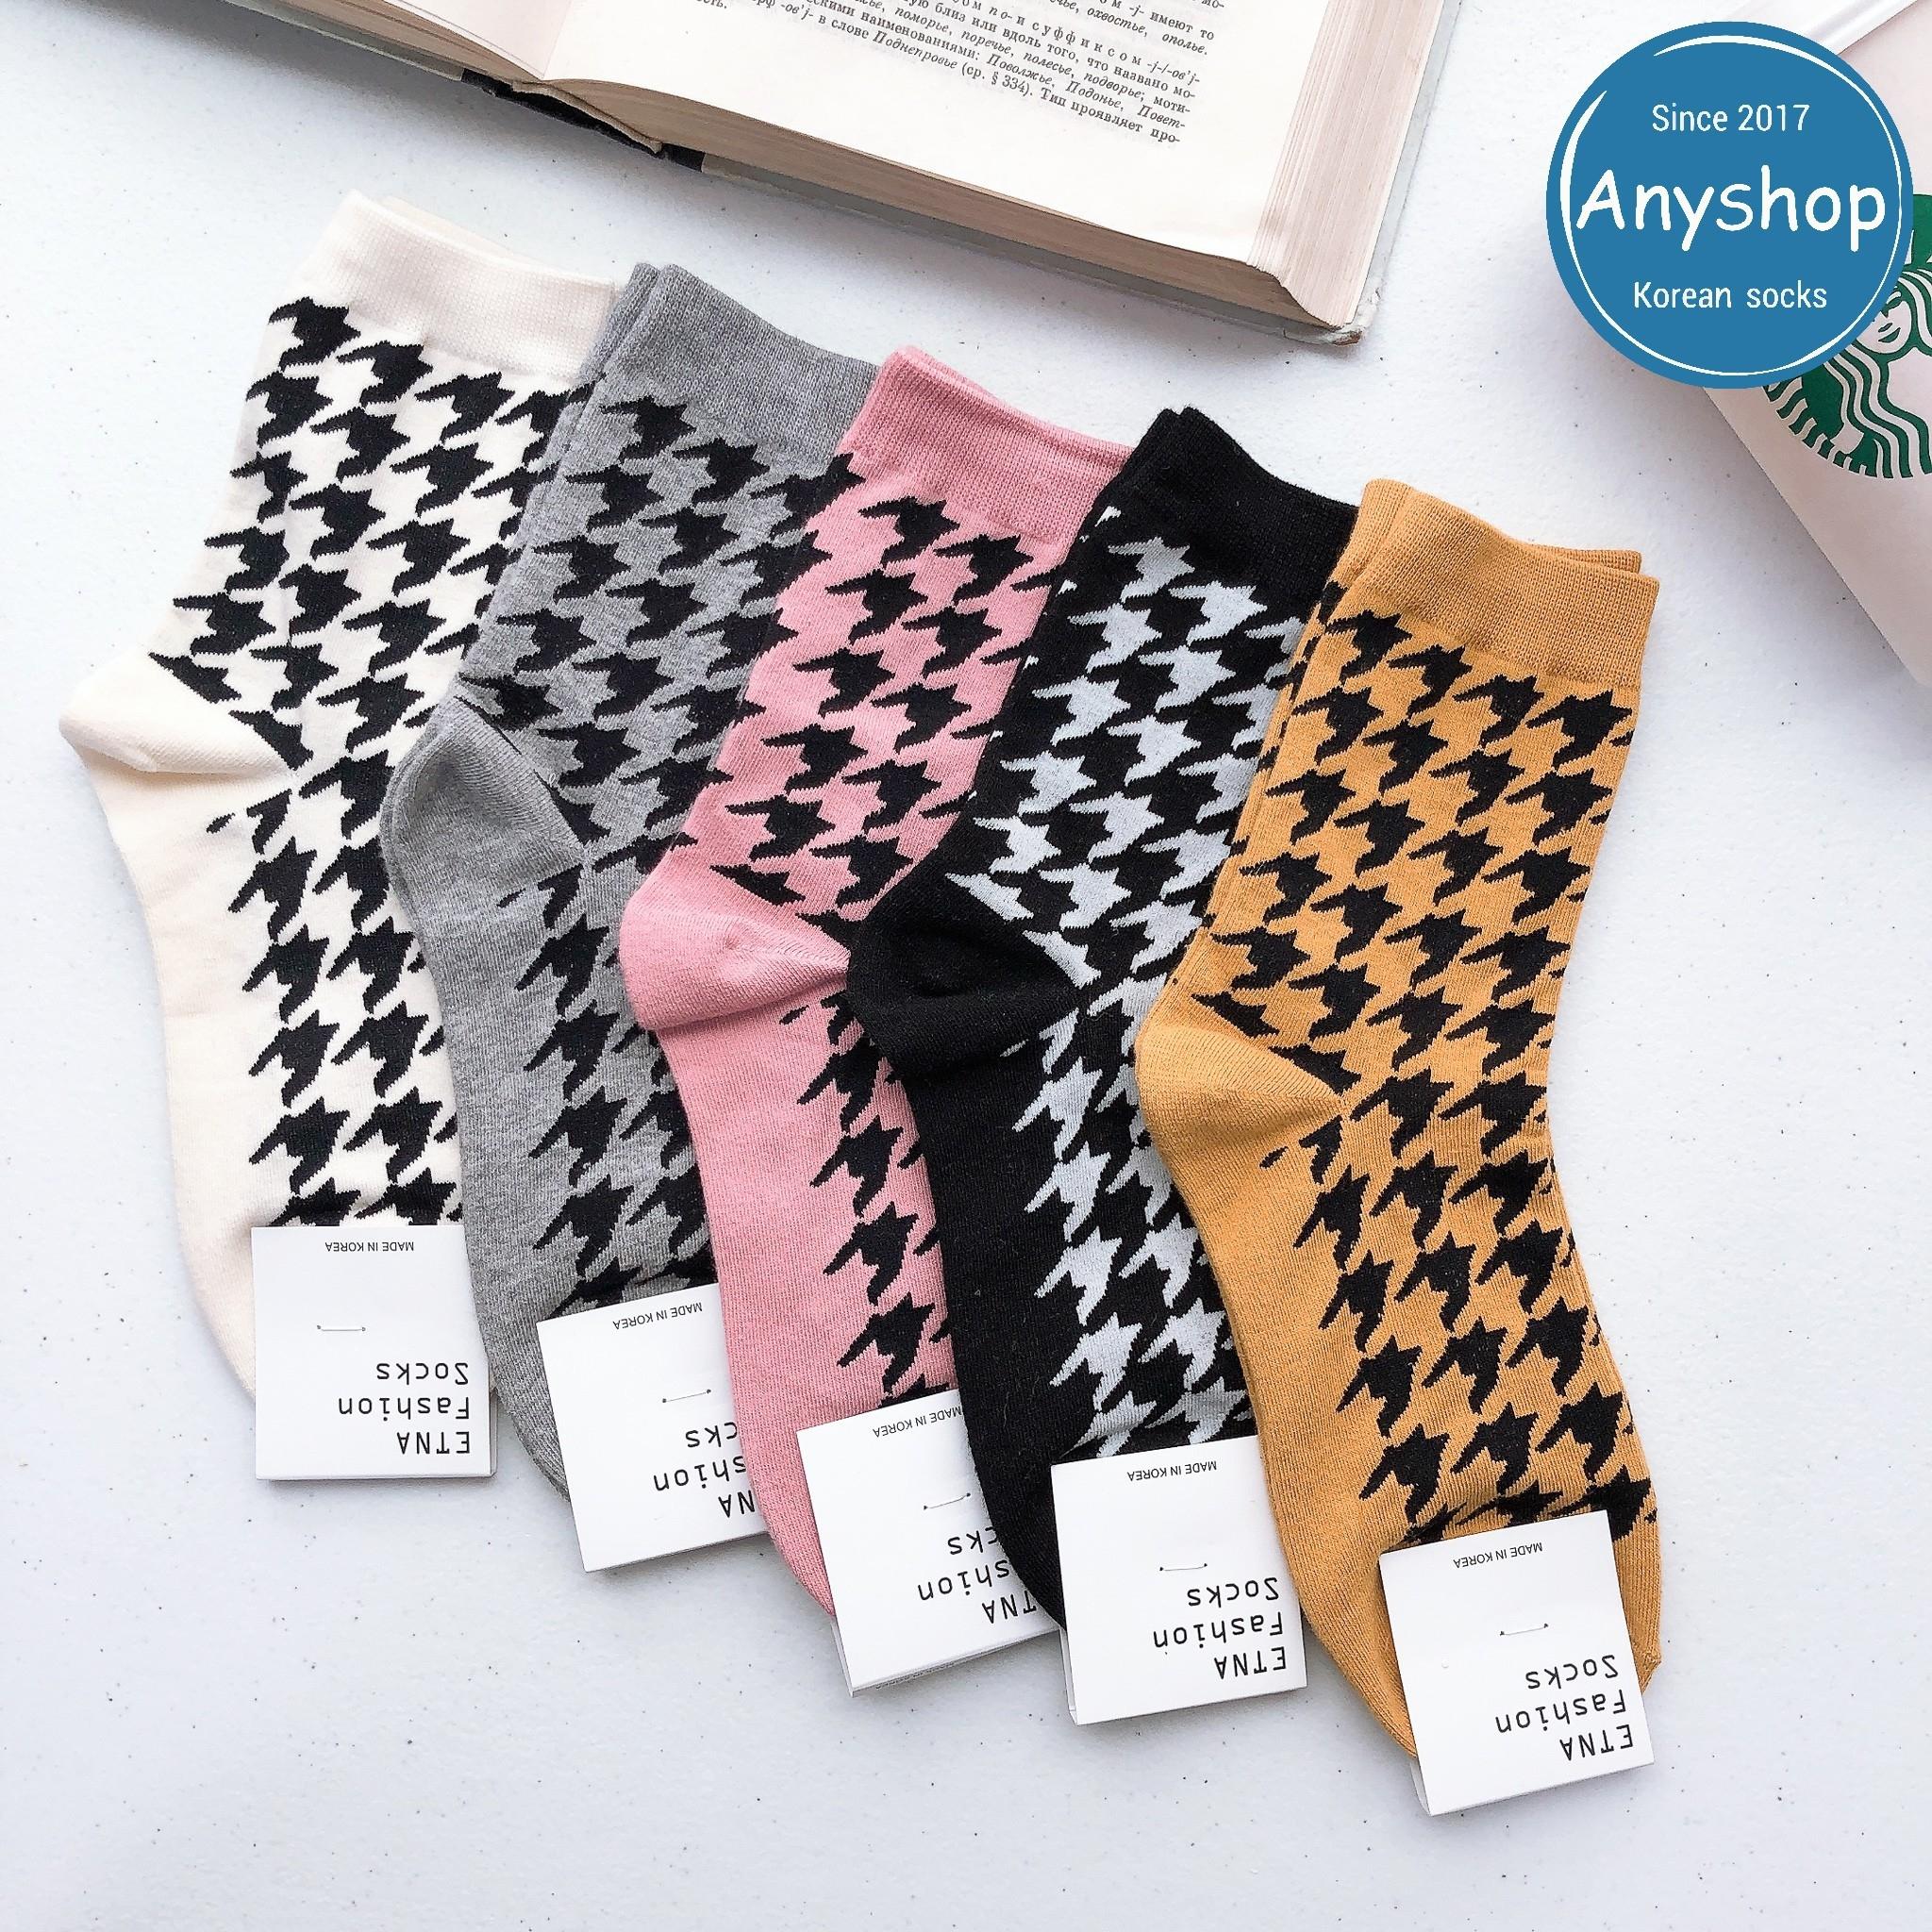 韓國襪-[Anyshop]變奏千鳥格紋襪